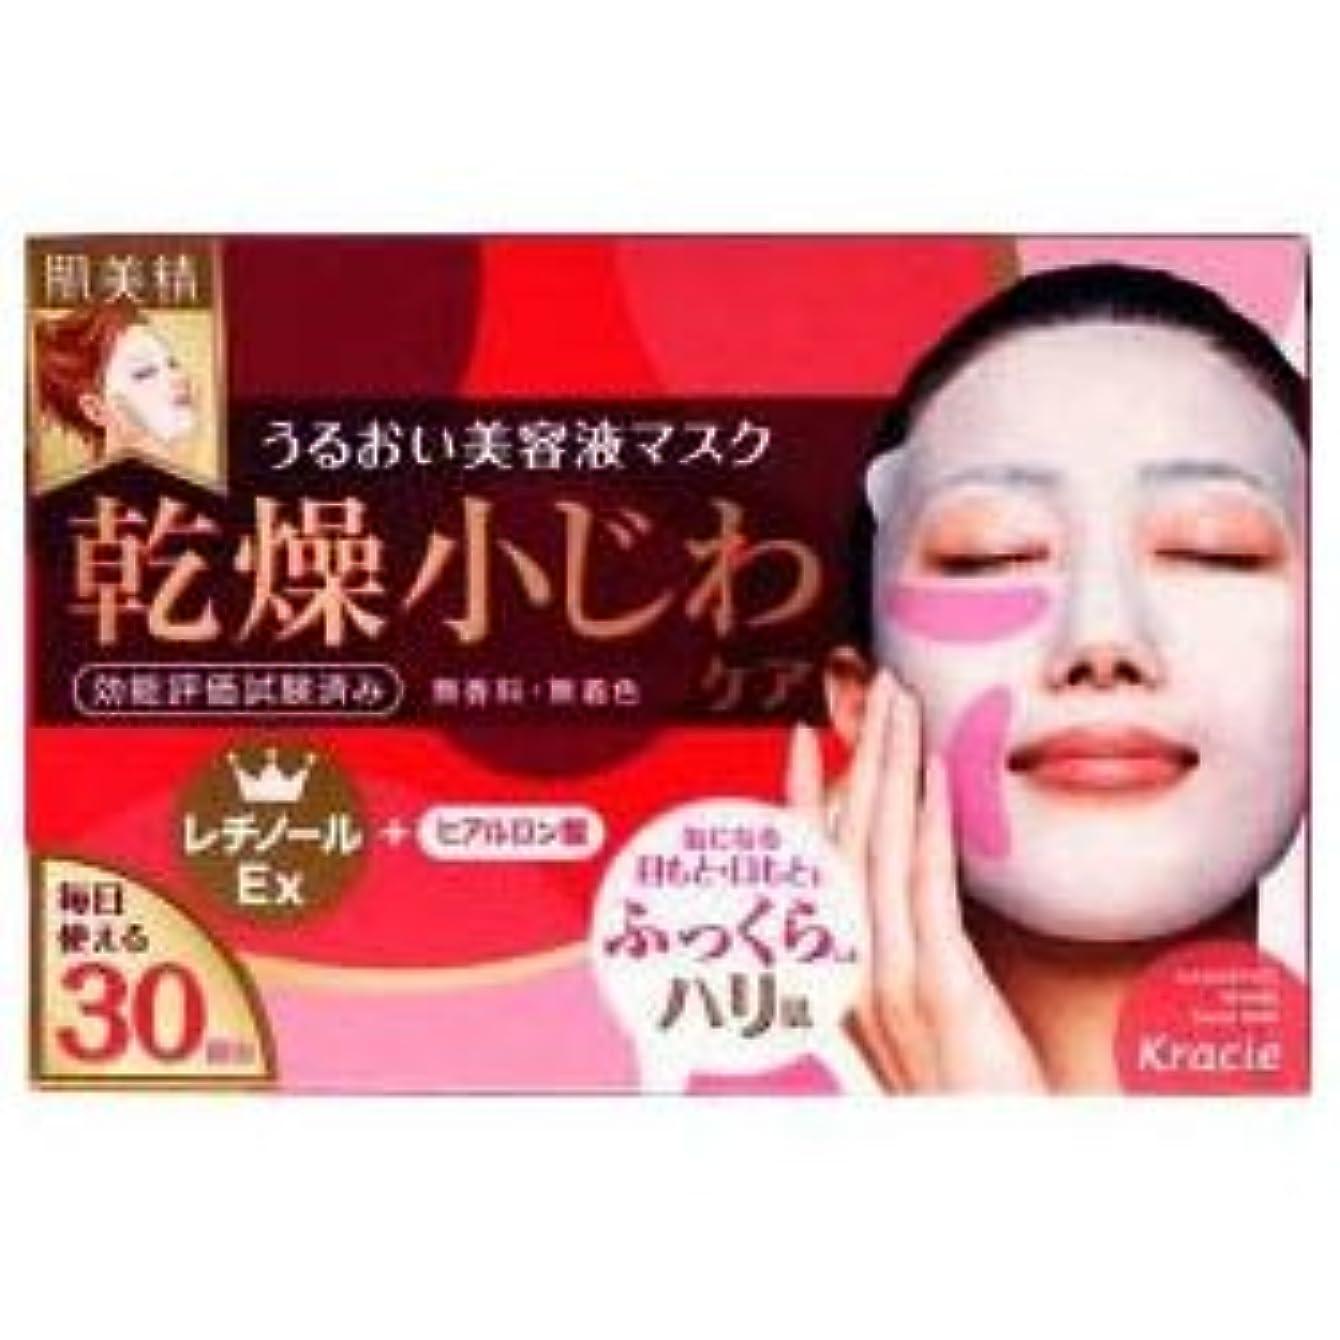 【クラシエ】肌美精 デイリーリンクルケア美容液マスク 30枚 ×10個セット